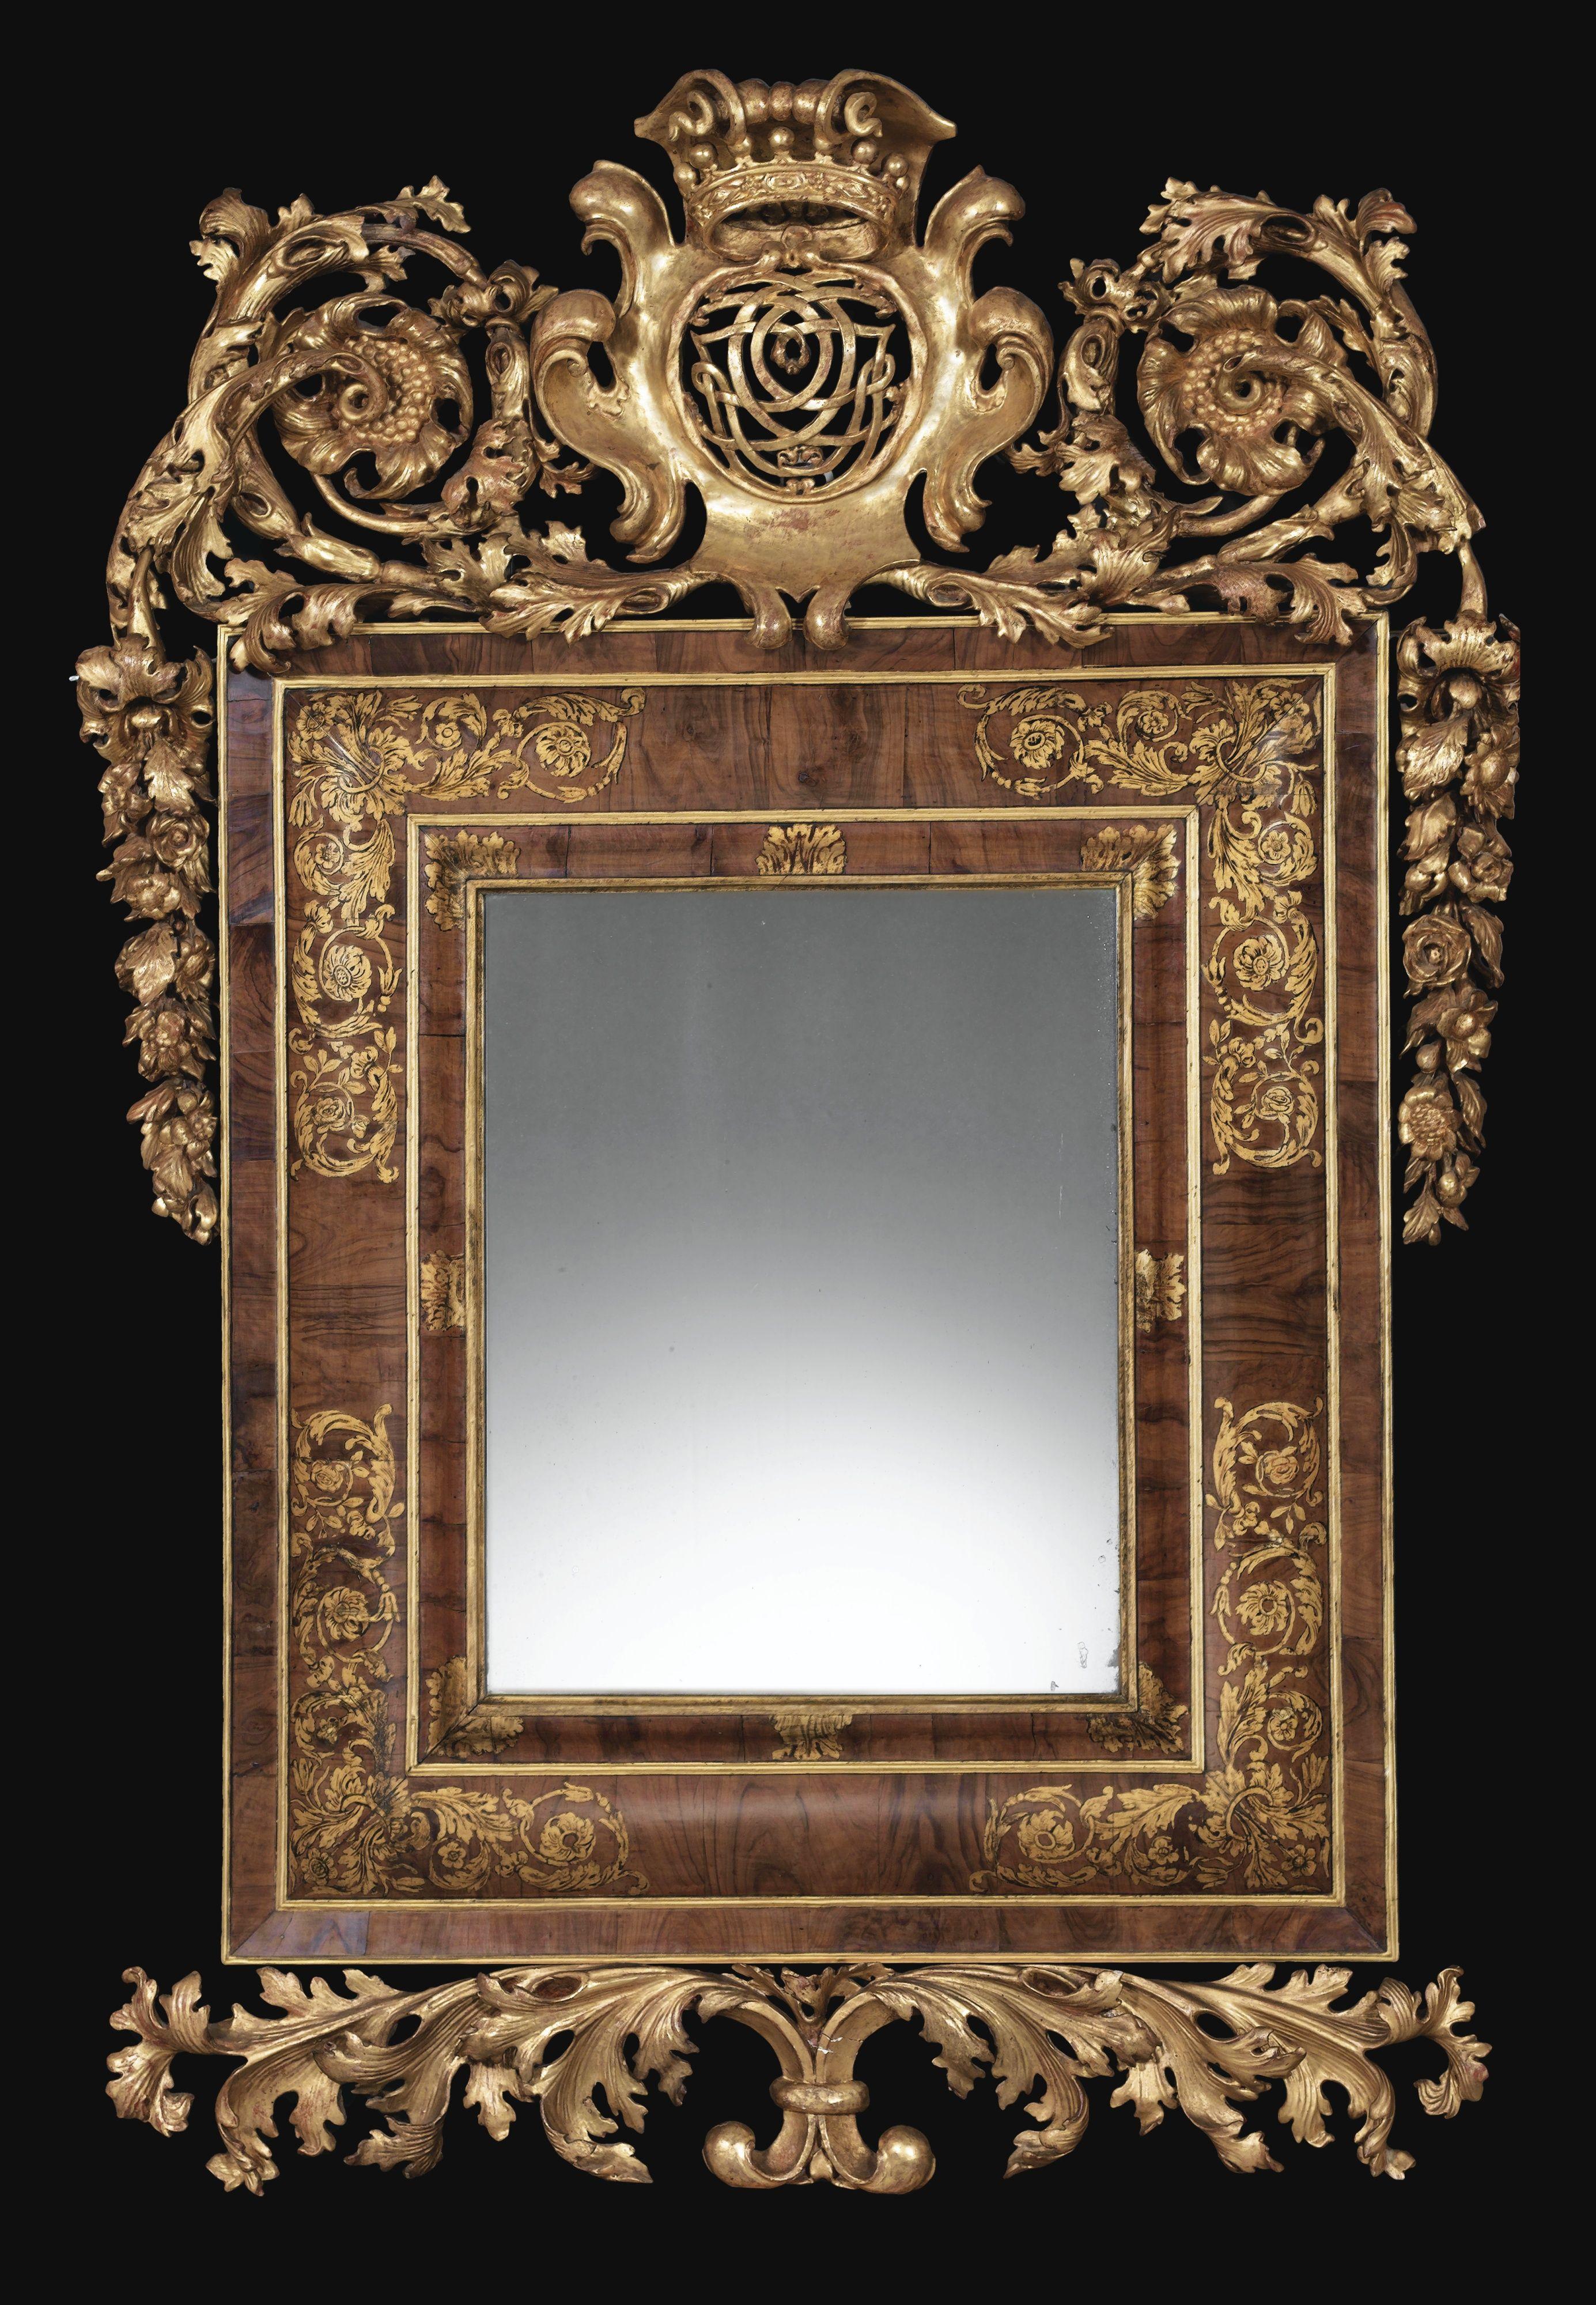 Cadre formant miroir en placage de noyer et bois sculpt for Miroir cadre dore